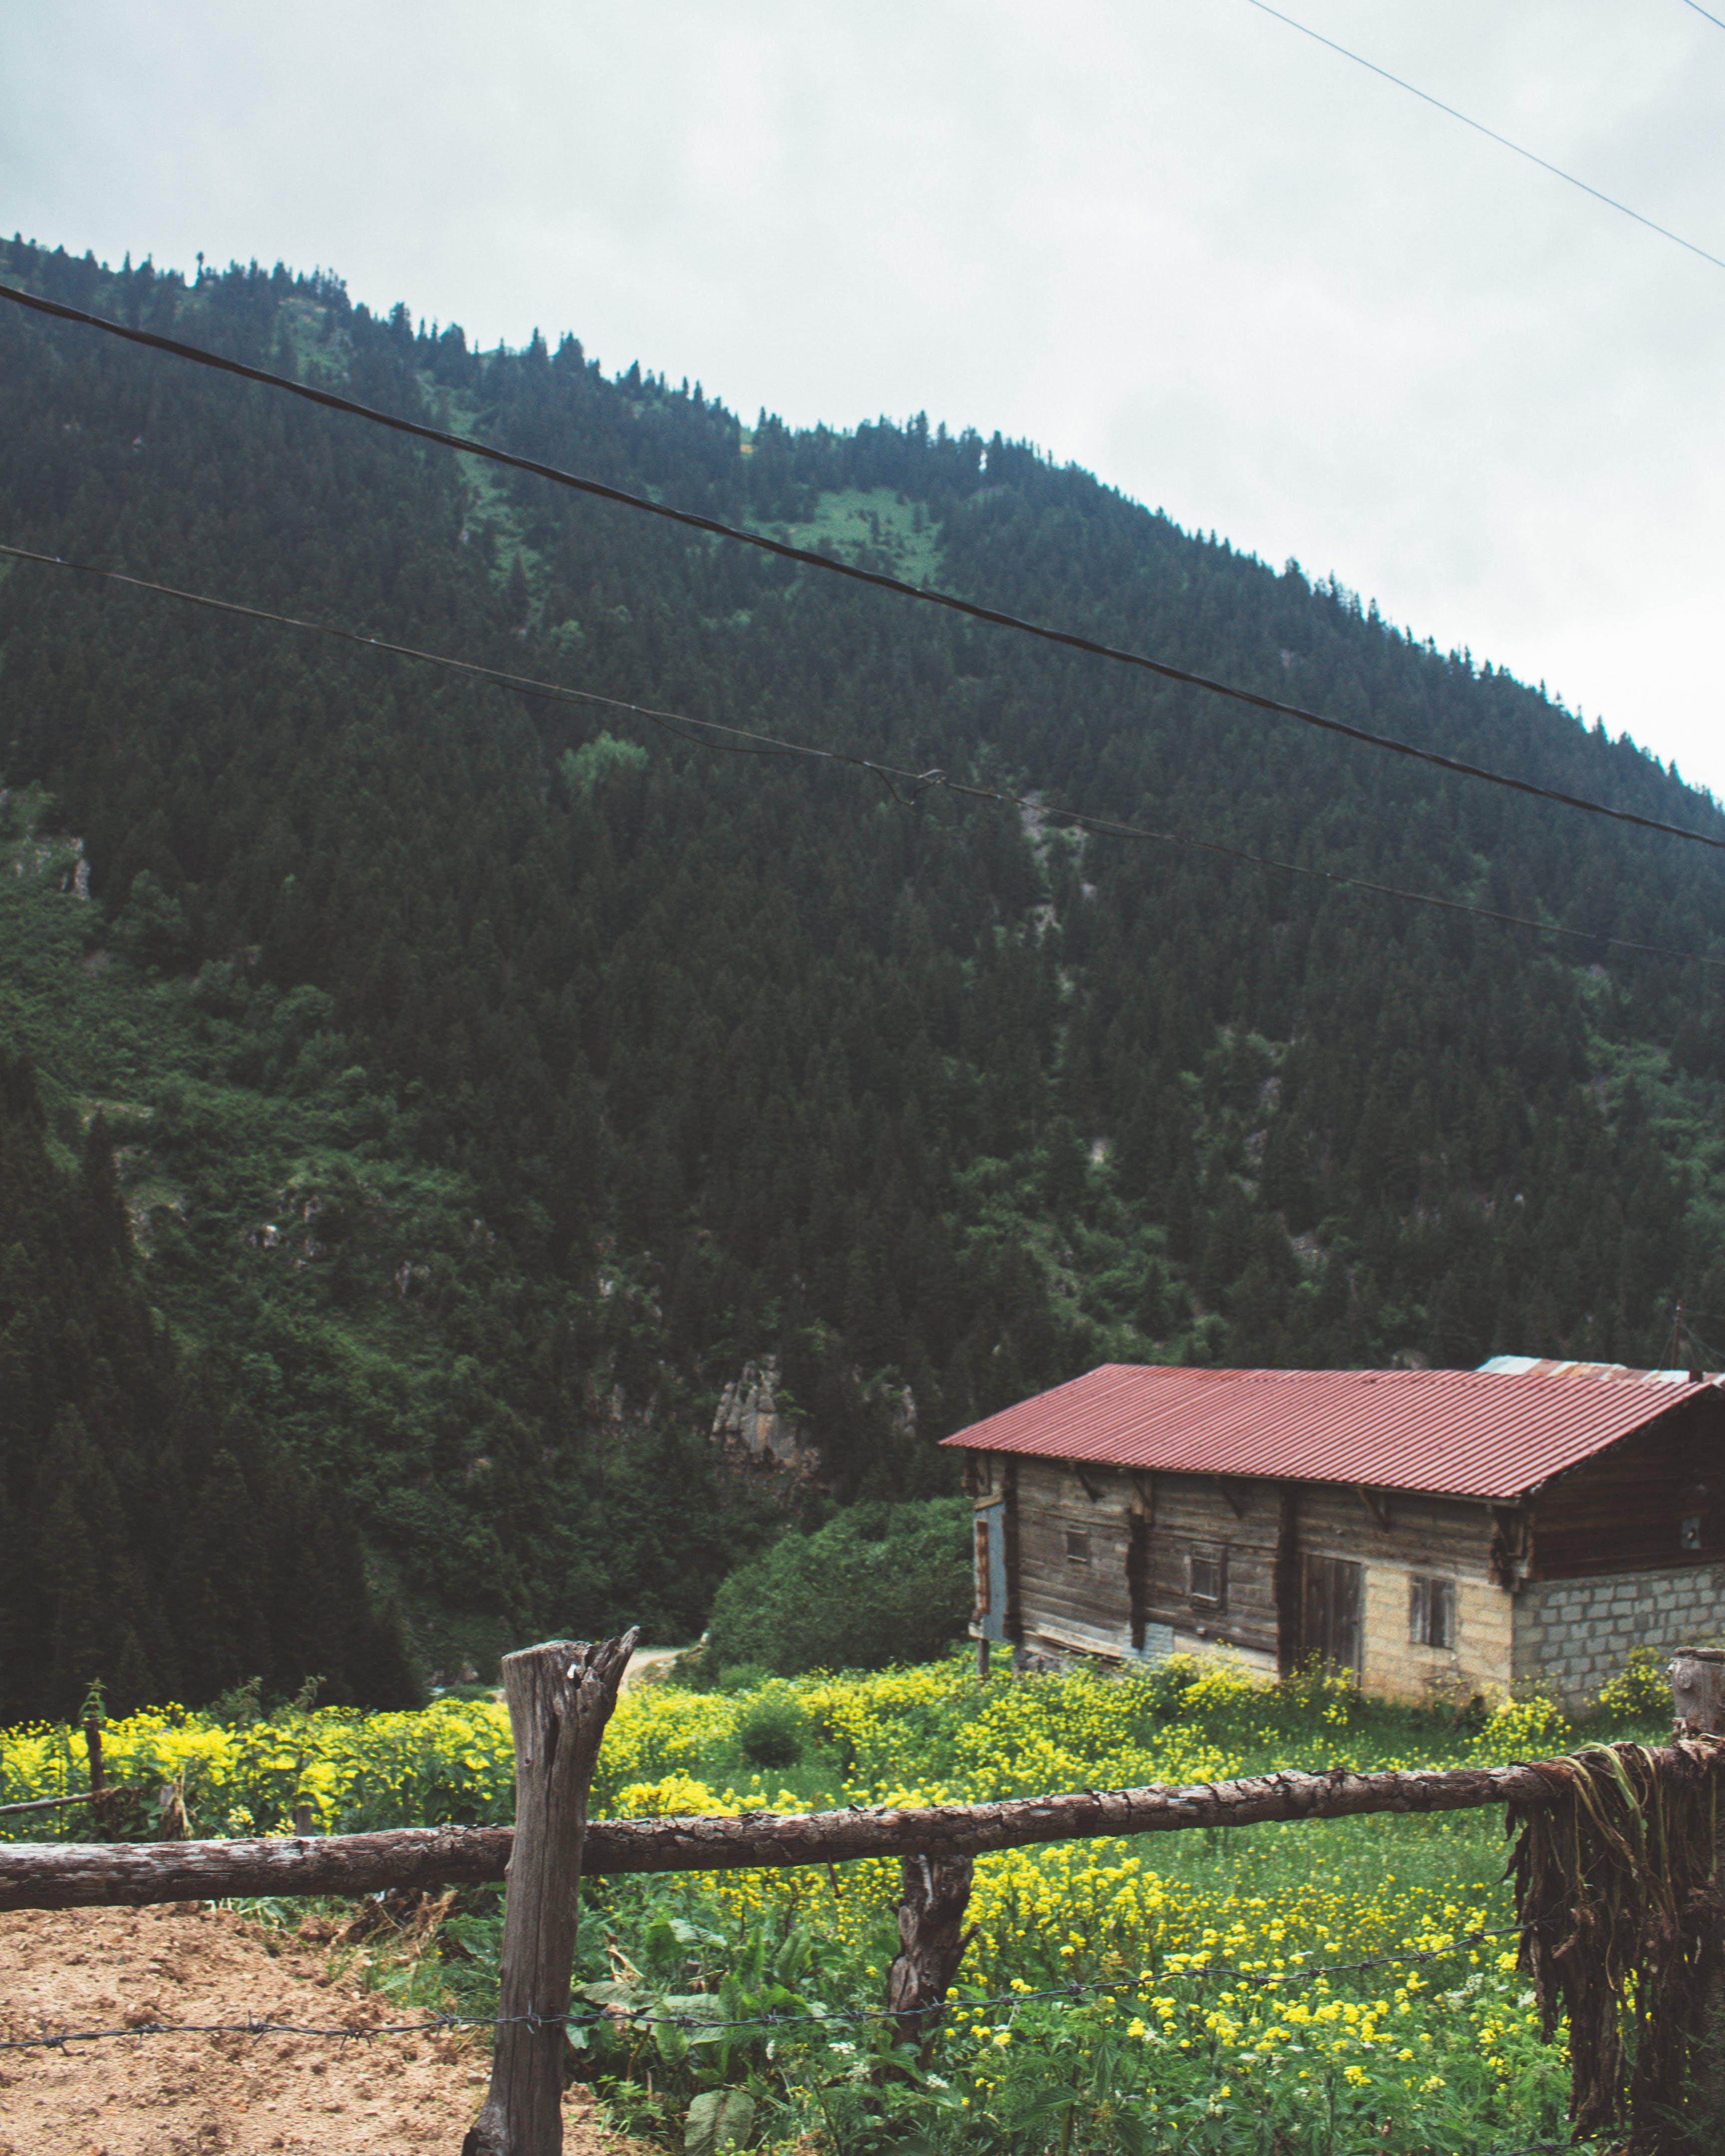 Δωρεάν στοκ φωτογραφιών με βουνό, καμπάνα, ξιφασκία, οικία